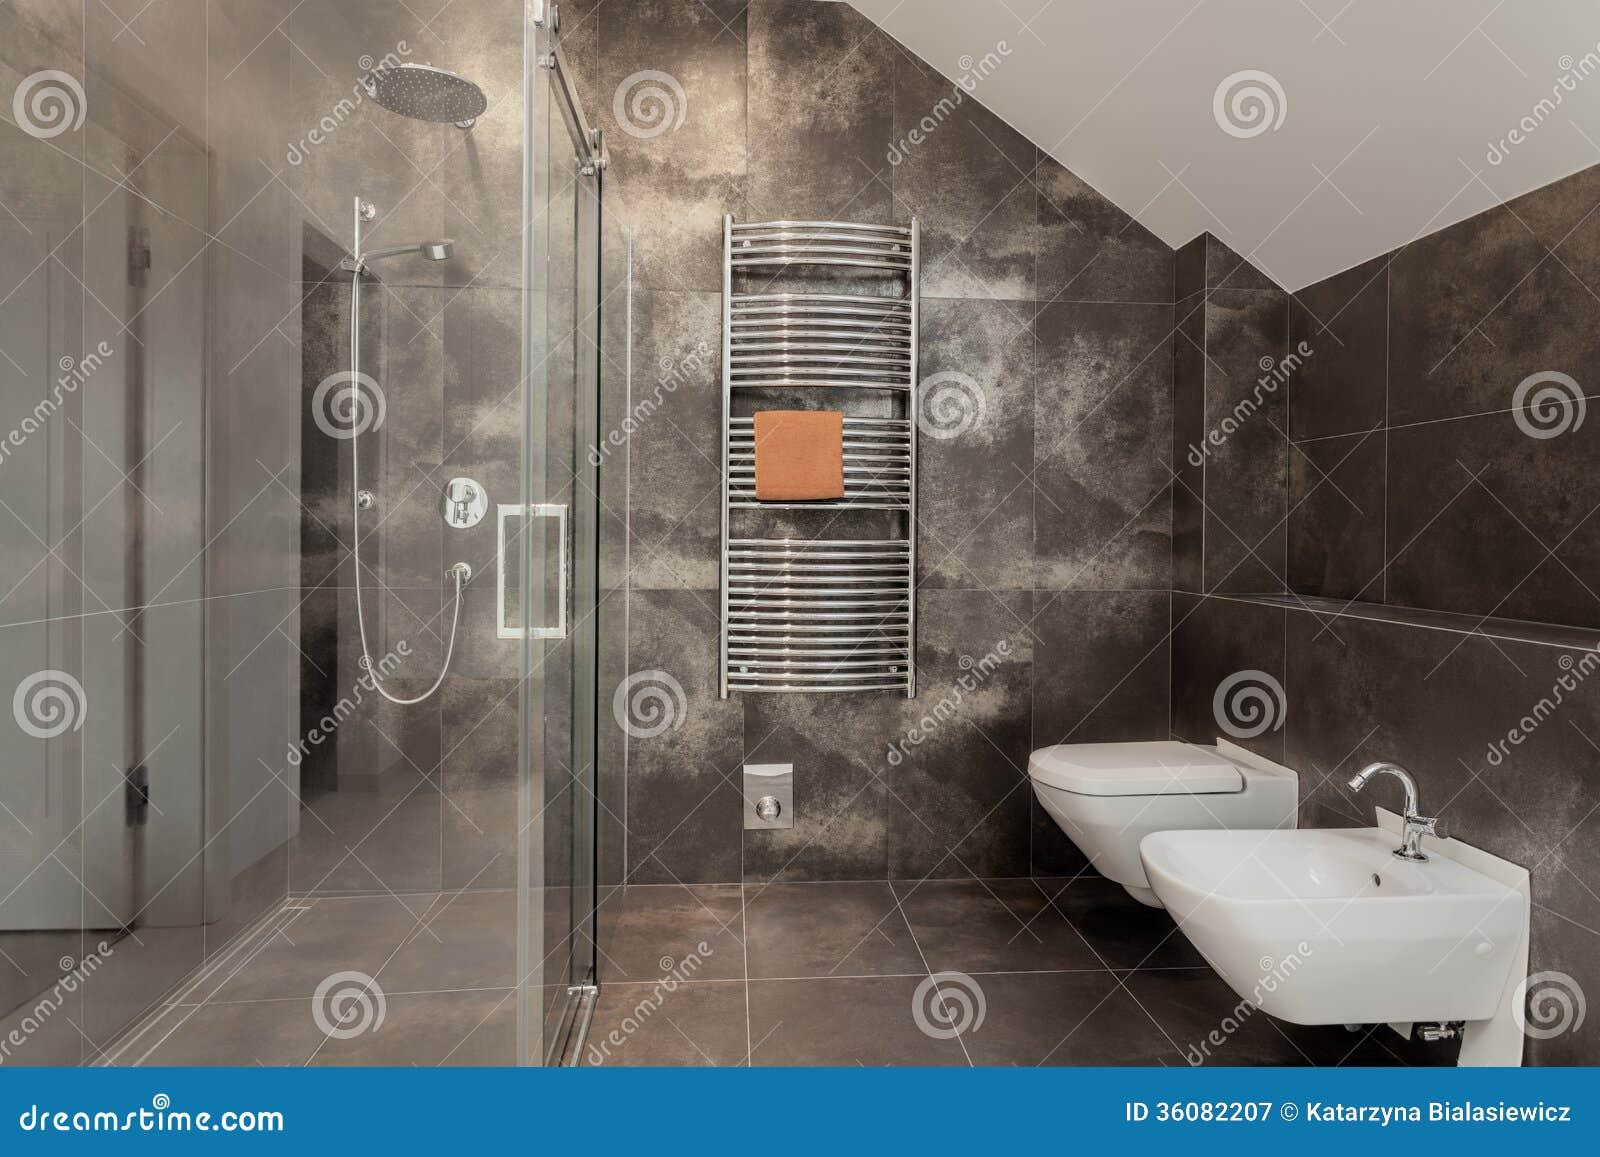 Роскошный интерьер ванной комнаты